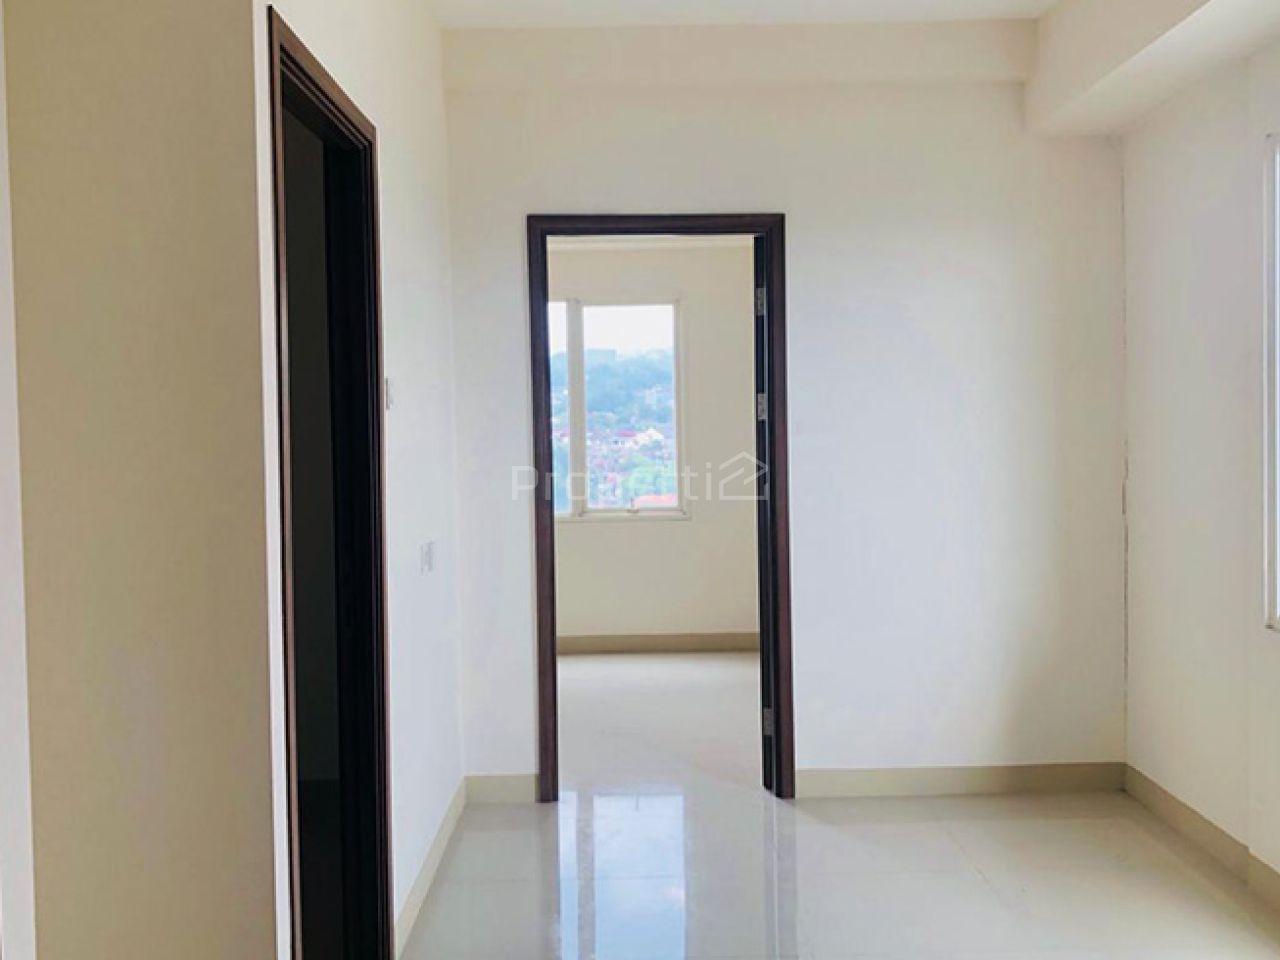 2BR Apartment Unit at Galeri Ciumbuleuit 3, 10th Floor, Jawa Barat